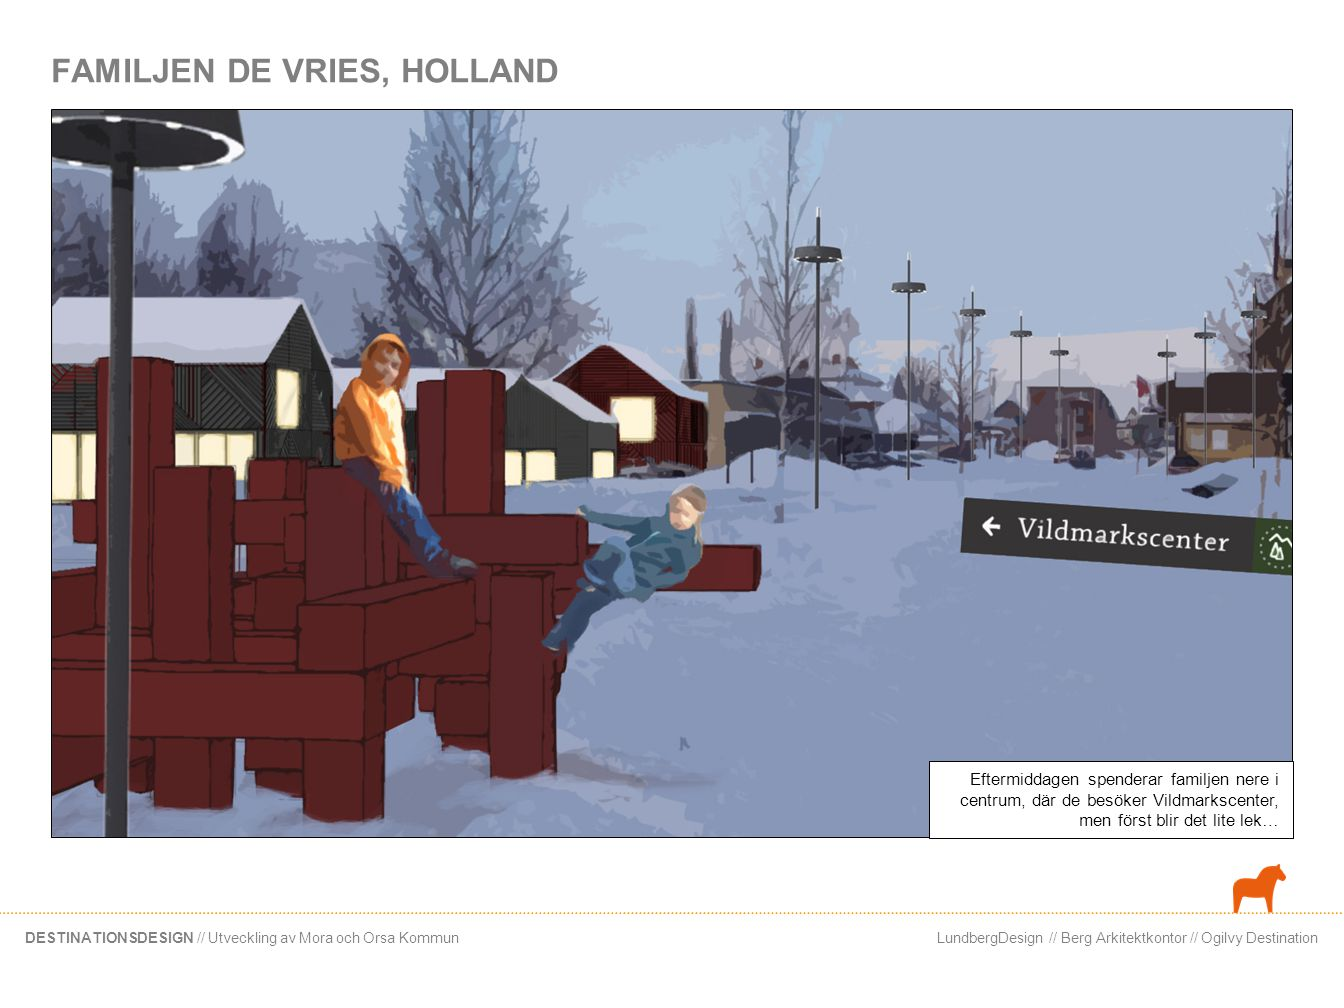 LundbergDesign // Berg Arkitektkontor // Ogilvy DestinationDESTINATIONSDESIGN // Utveckling av Mora och Orsa Kommun FAMILJEN DE VRIES, HOLLAND Eftermi